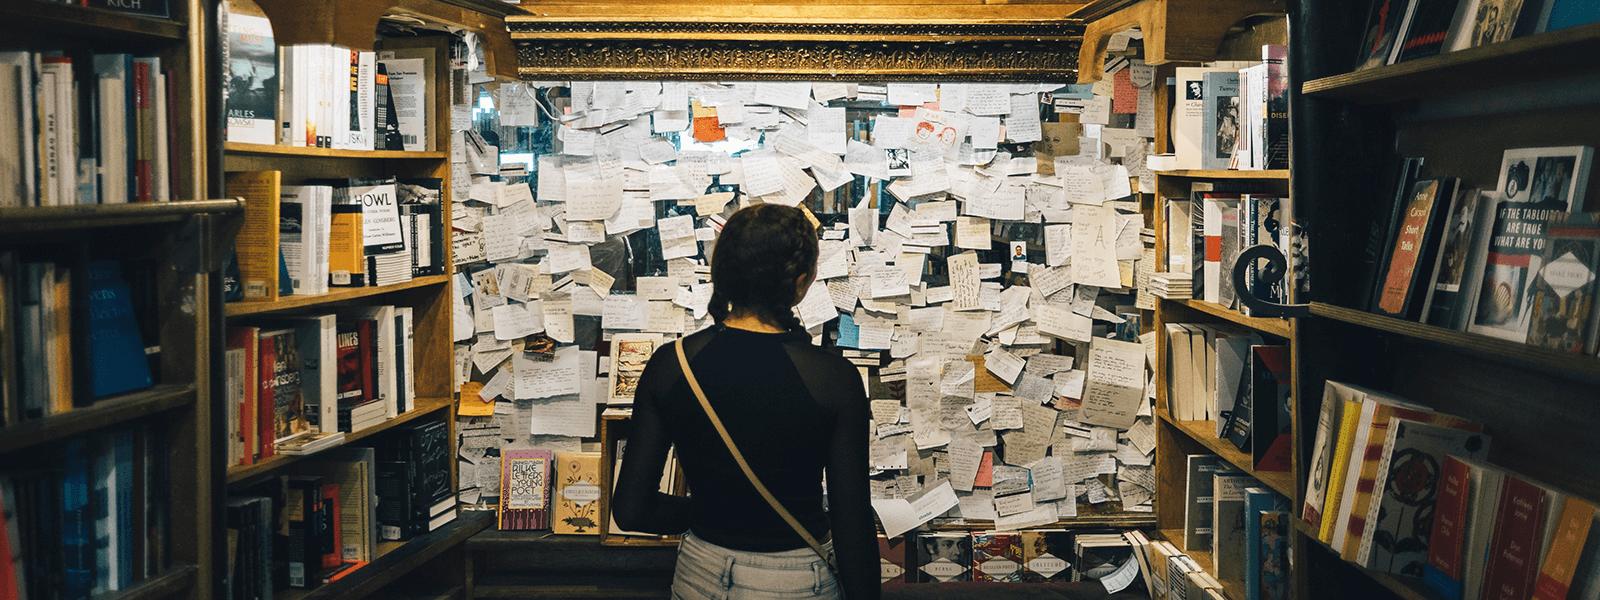 Dziewczyna w księgarni stoi przed tablicą z mnóstwem zapisanych karteczek.